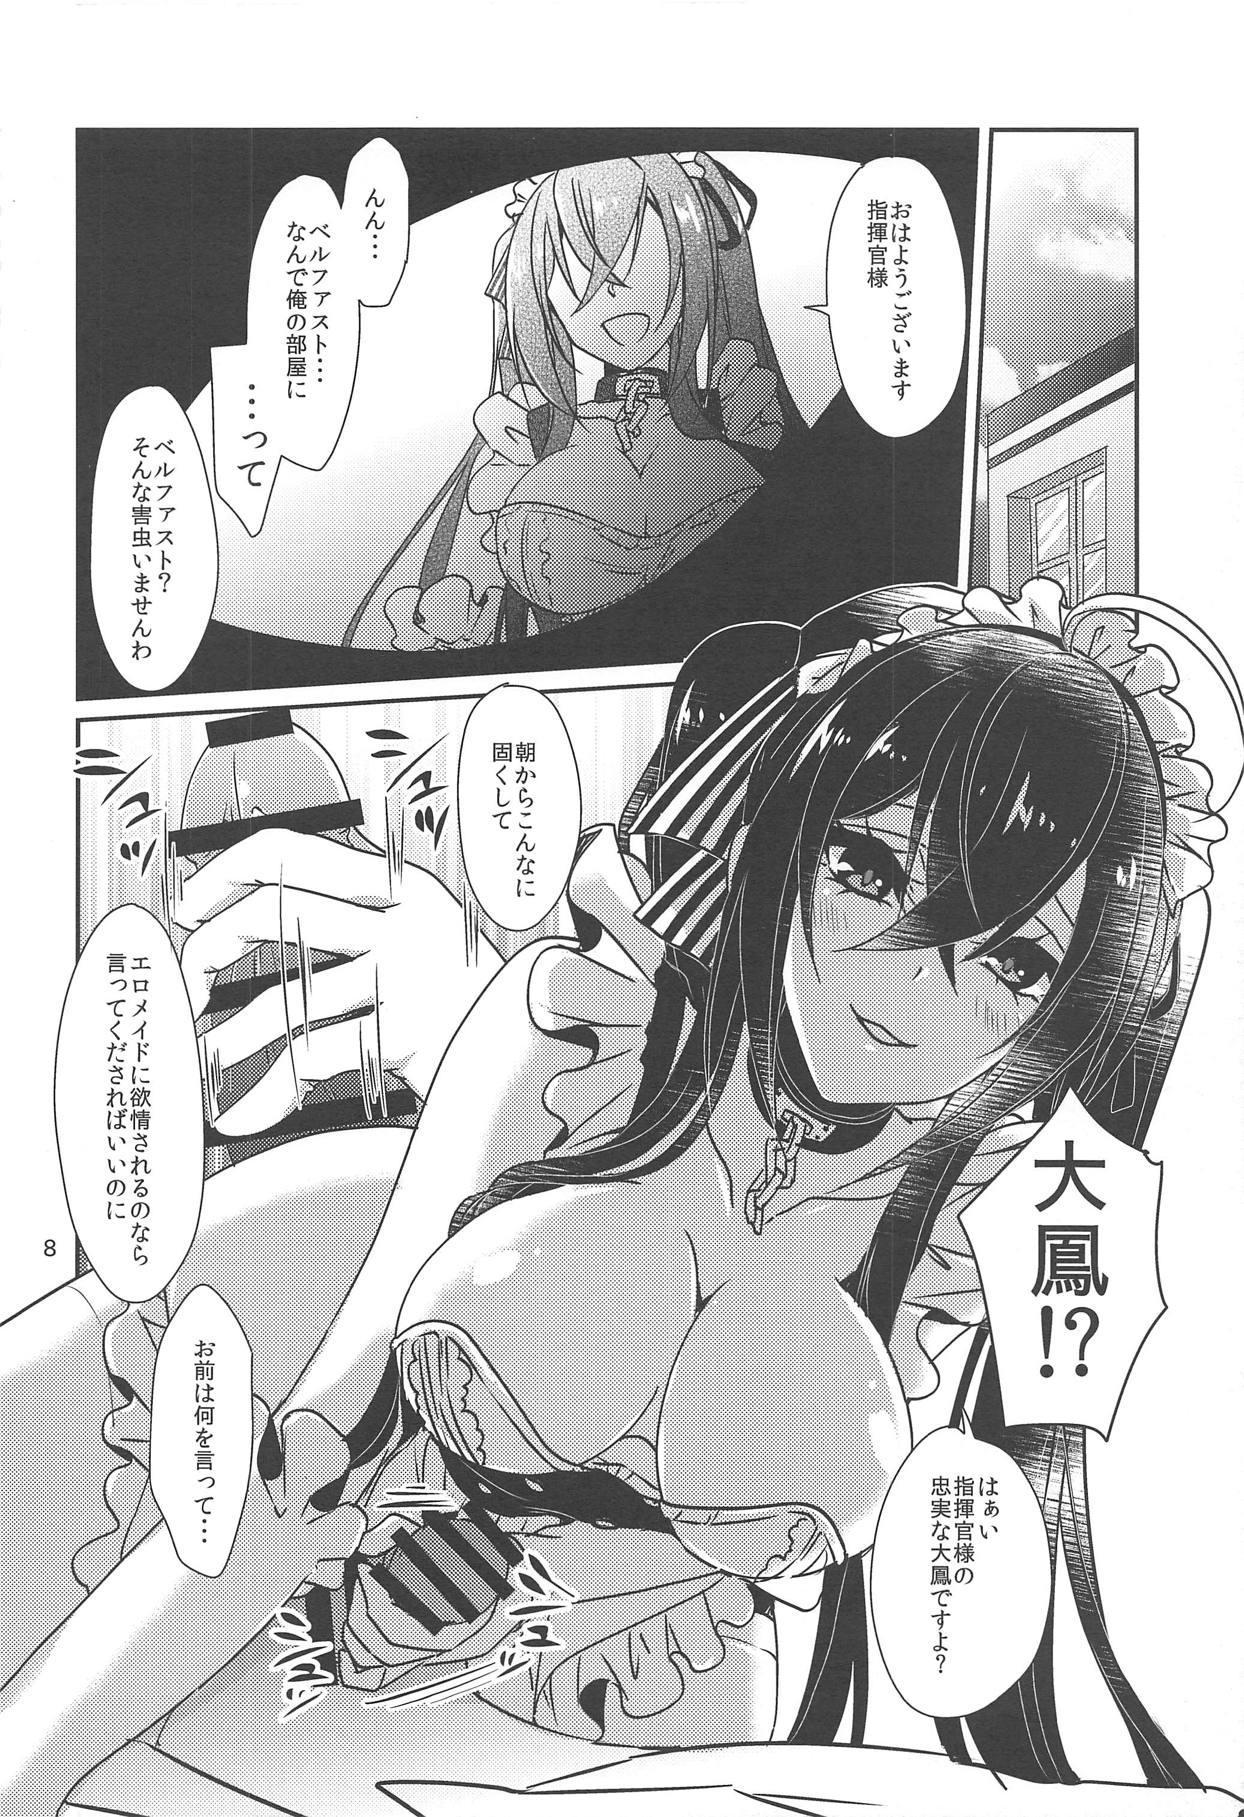 Taihou no Shitsukekata 8